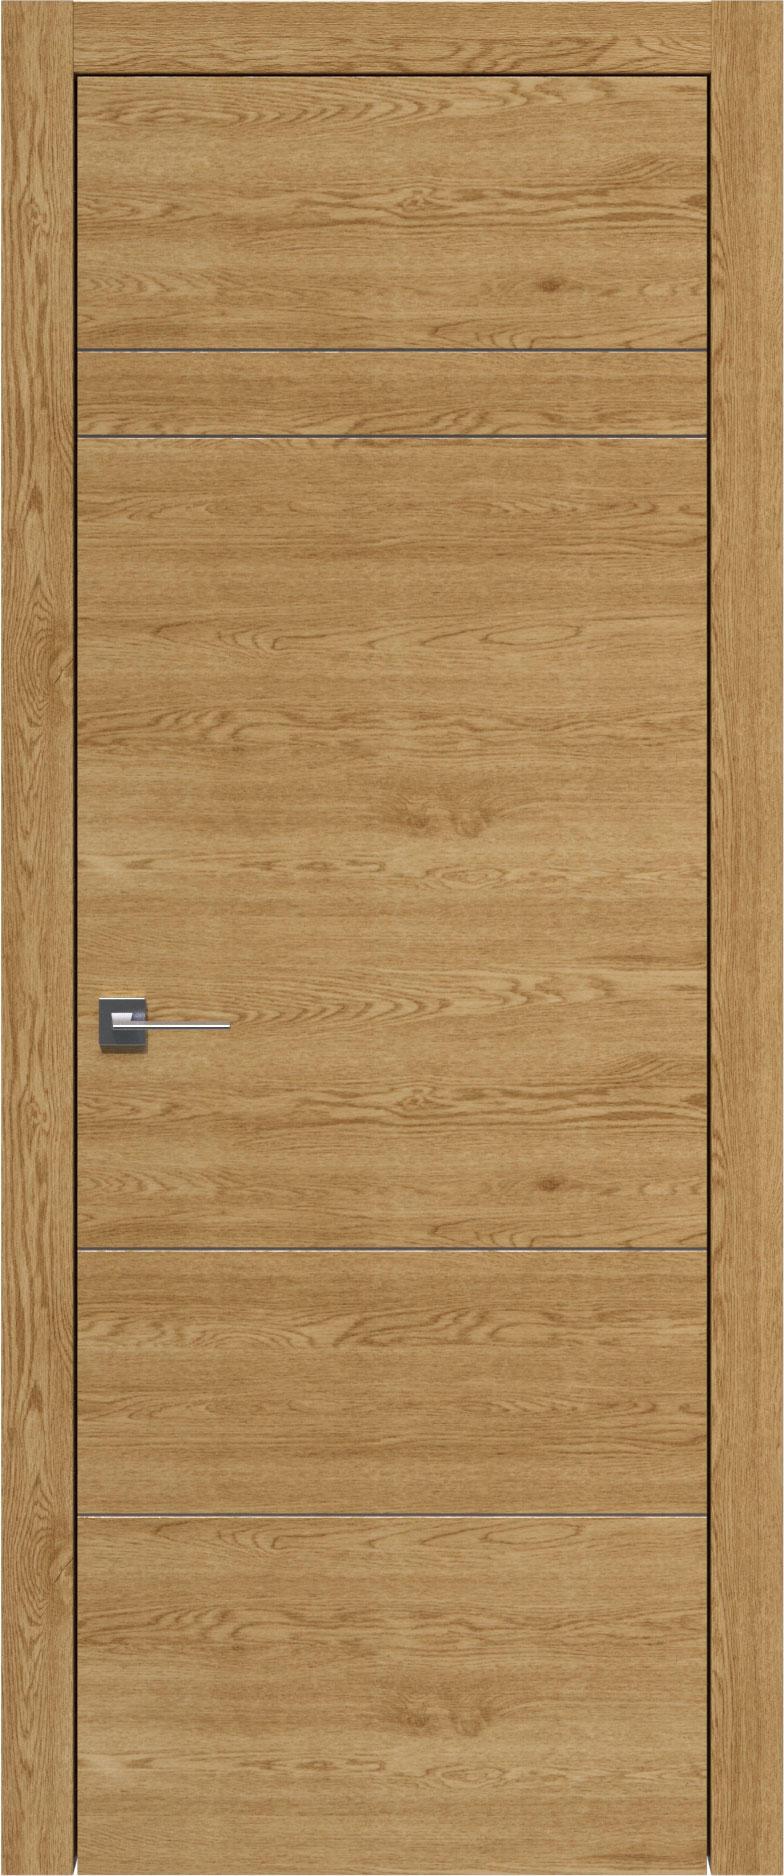 Tivoli К-2 цвет - Дуб натуральный Без стекла (ДГ)